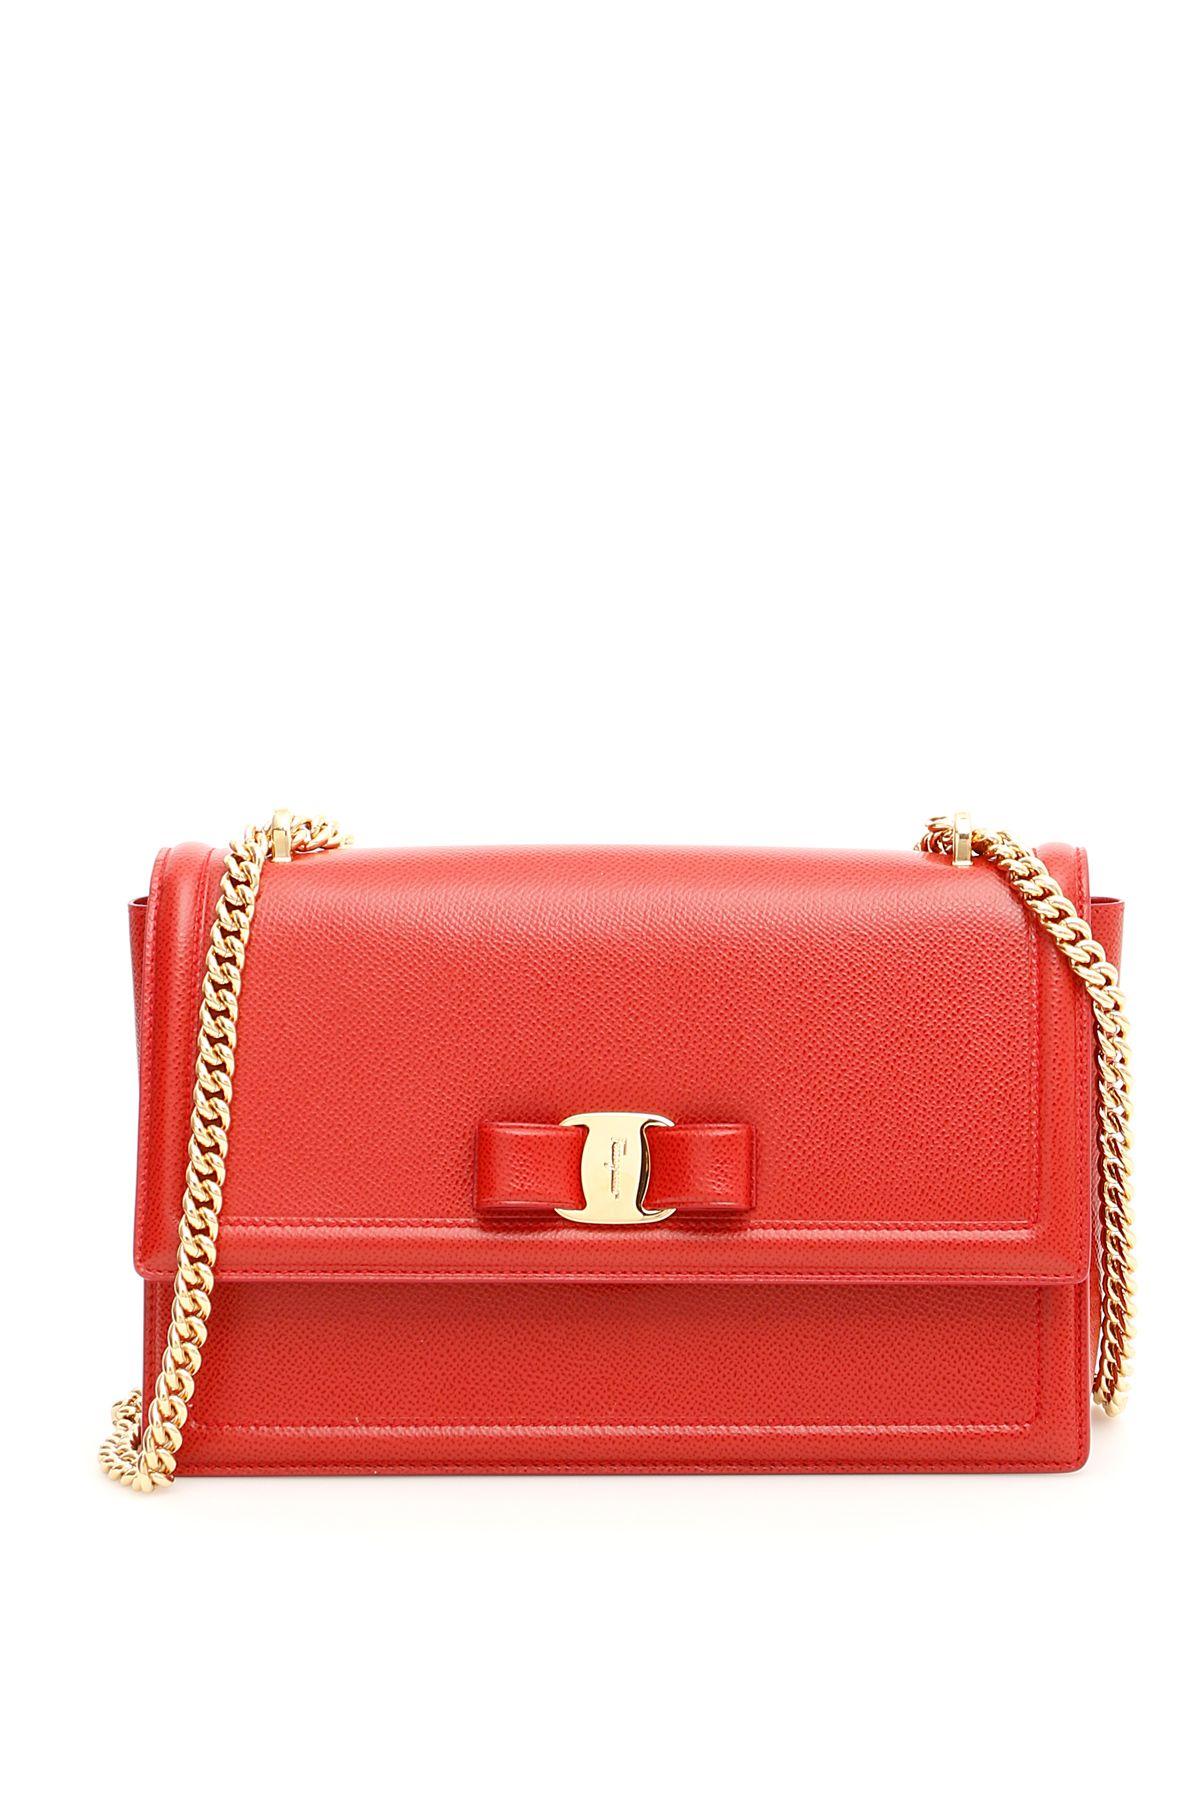 Salvatore Ferragamo Ginny Crossbody Bag In Redrosso  b6bd3f6de0e19